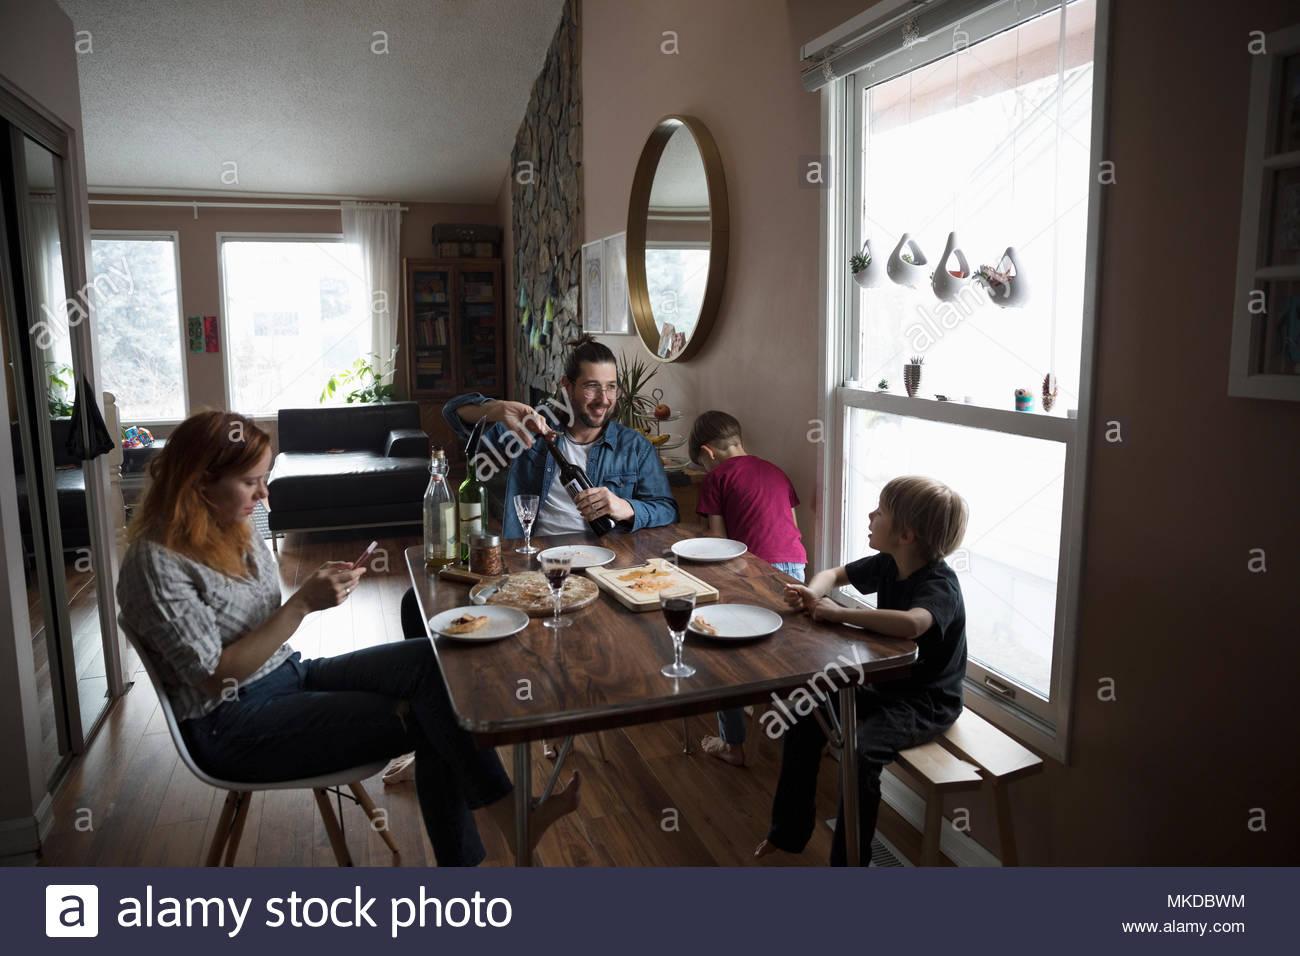 Familia comiendo pizza en la mesa de comedor Imagen De Stock